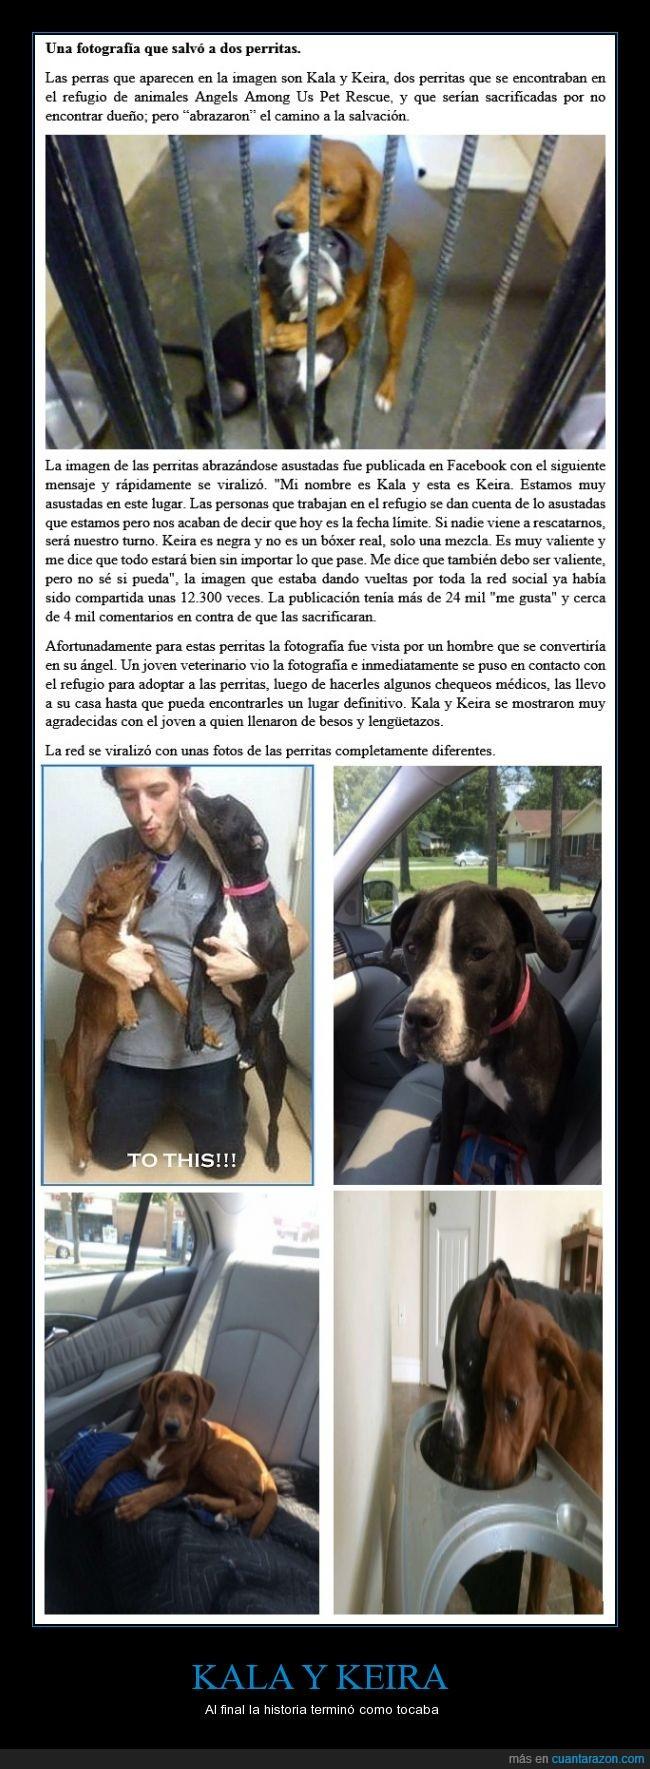 Adopción,ayuda,Perritas,Refugio,Salvación,salvar,veterinario